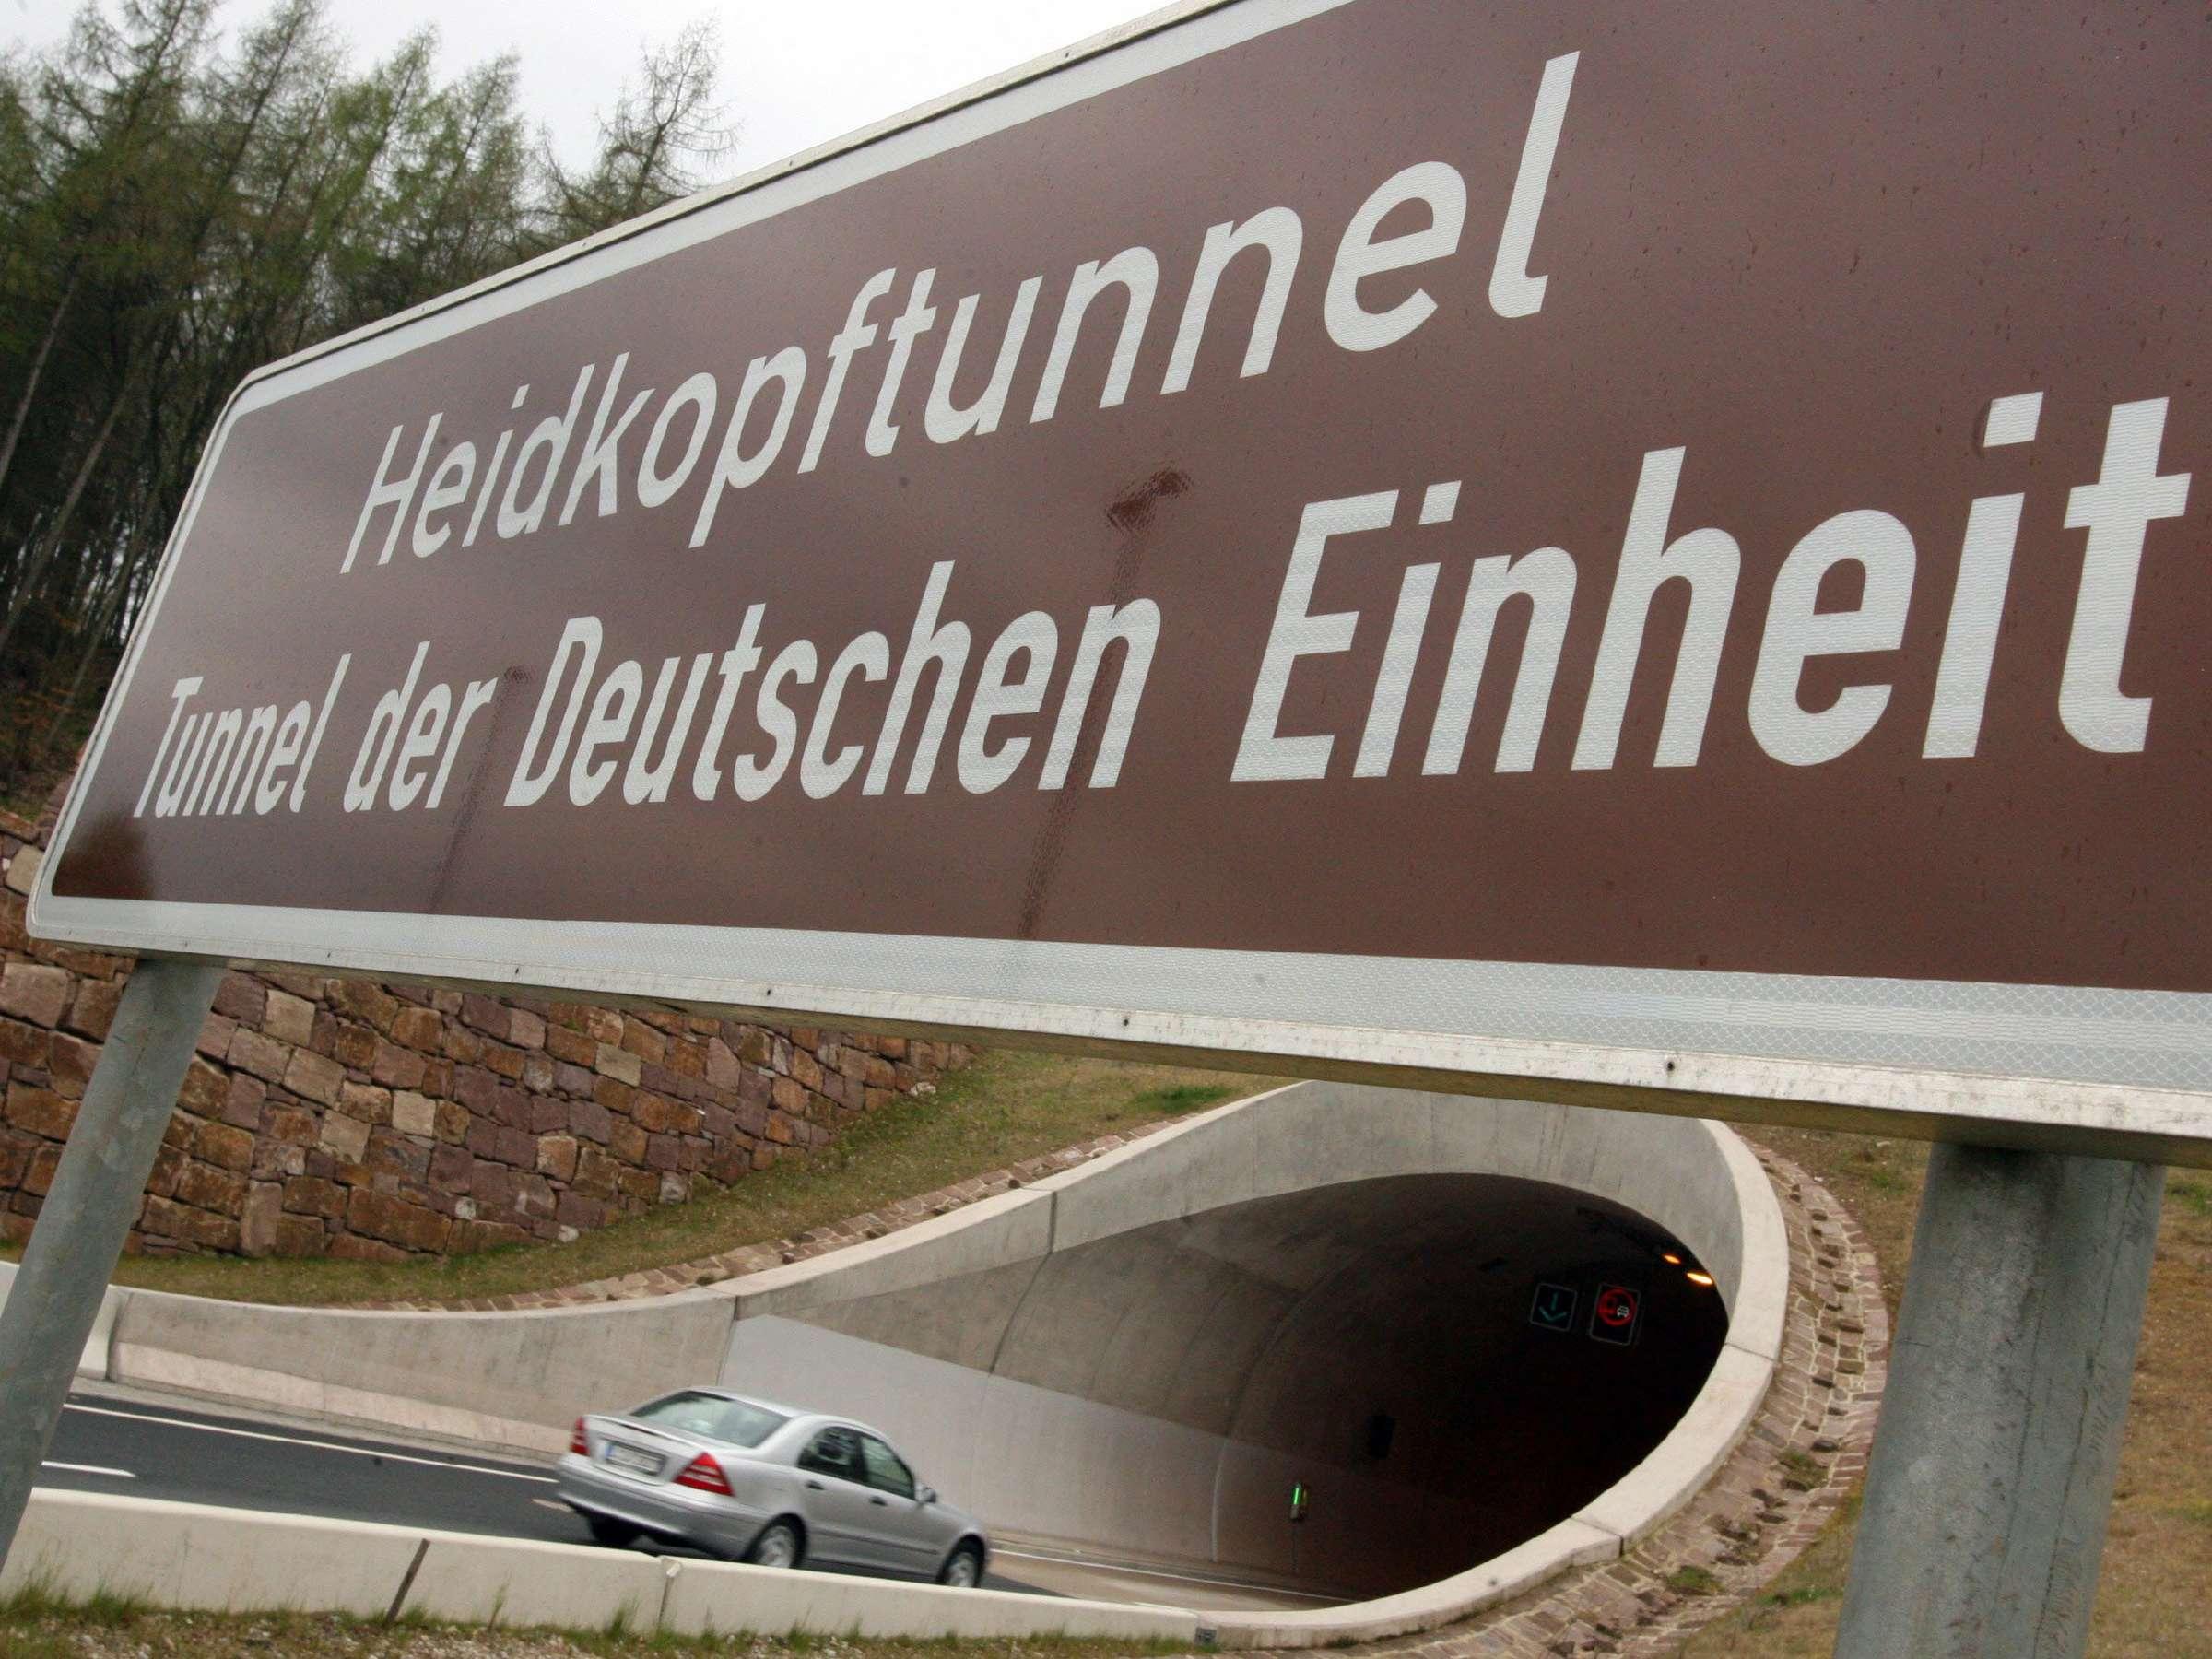 Heidkopftunnel-Tunnel-der-Deutschen-Einheit